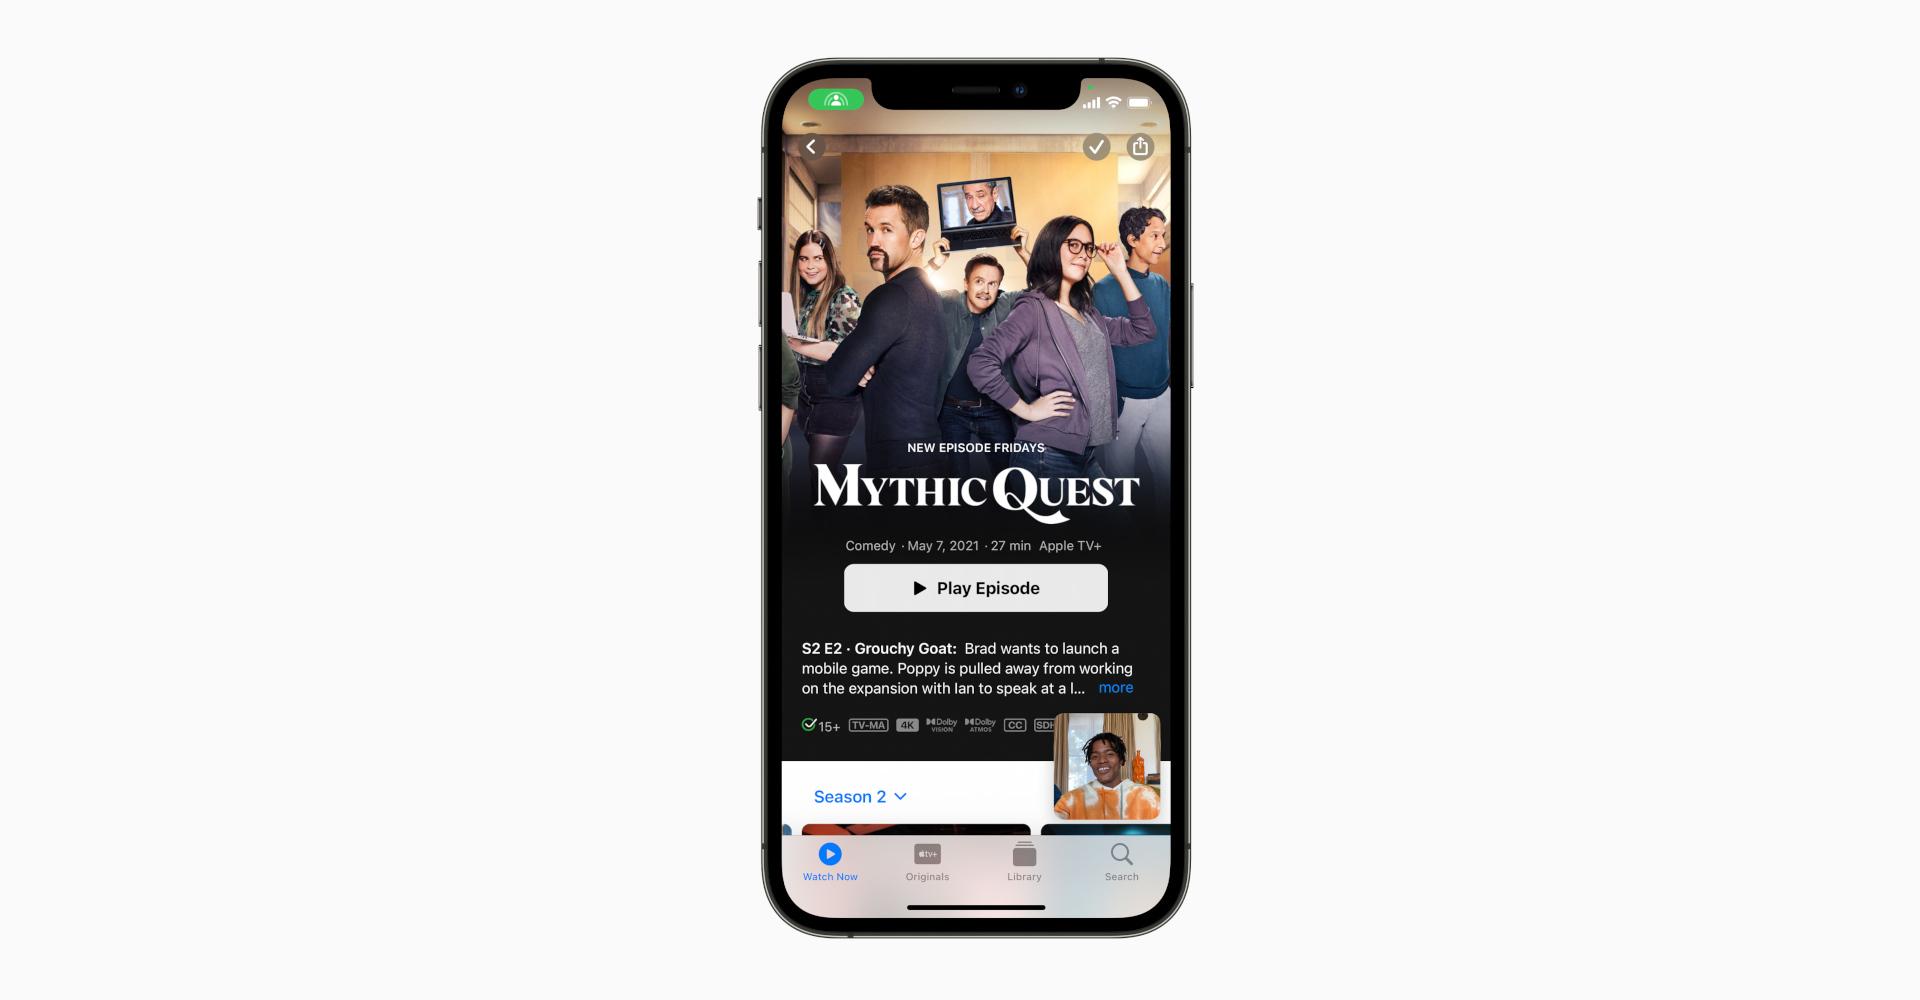 Beispiel für SharePlay via FaceTime mit Streaming über Apple TV+